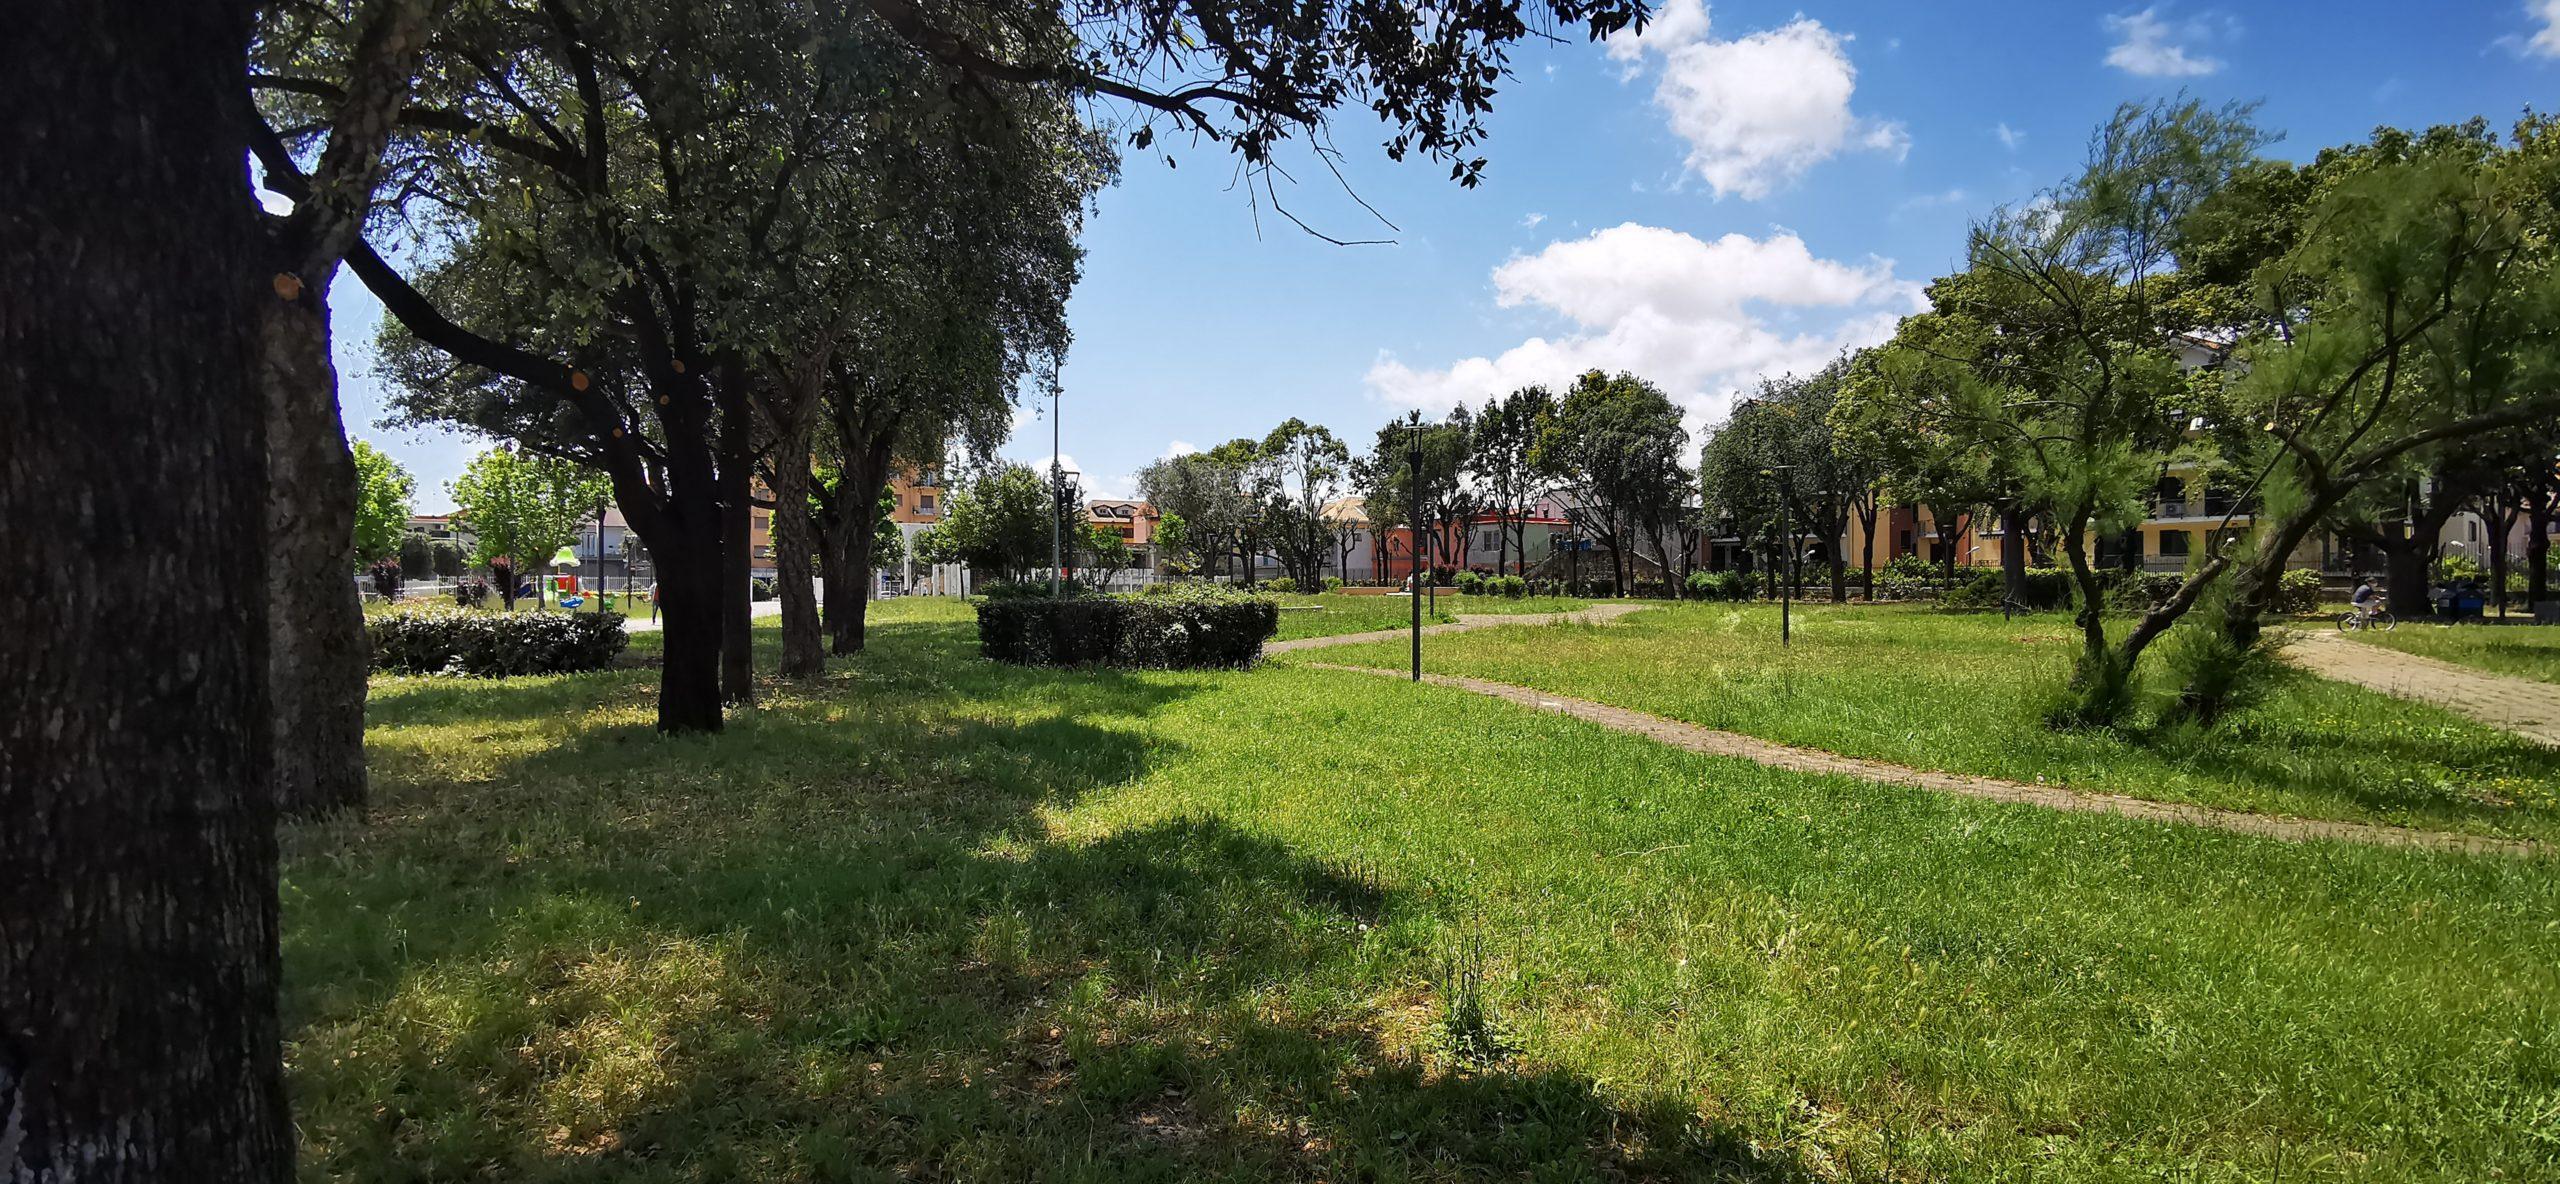 Senza mascherina in villa Comunale a Giugliano, due sanzionati: multa da 300 euro a testa +++VIDEO +++